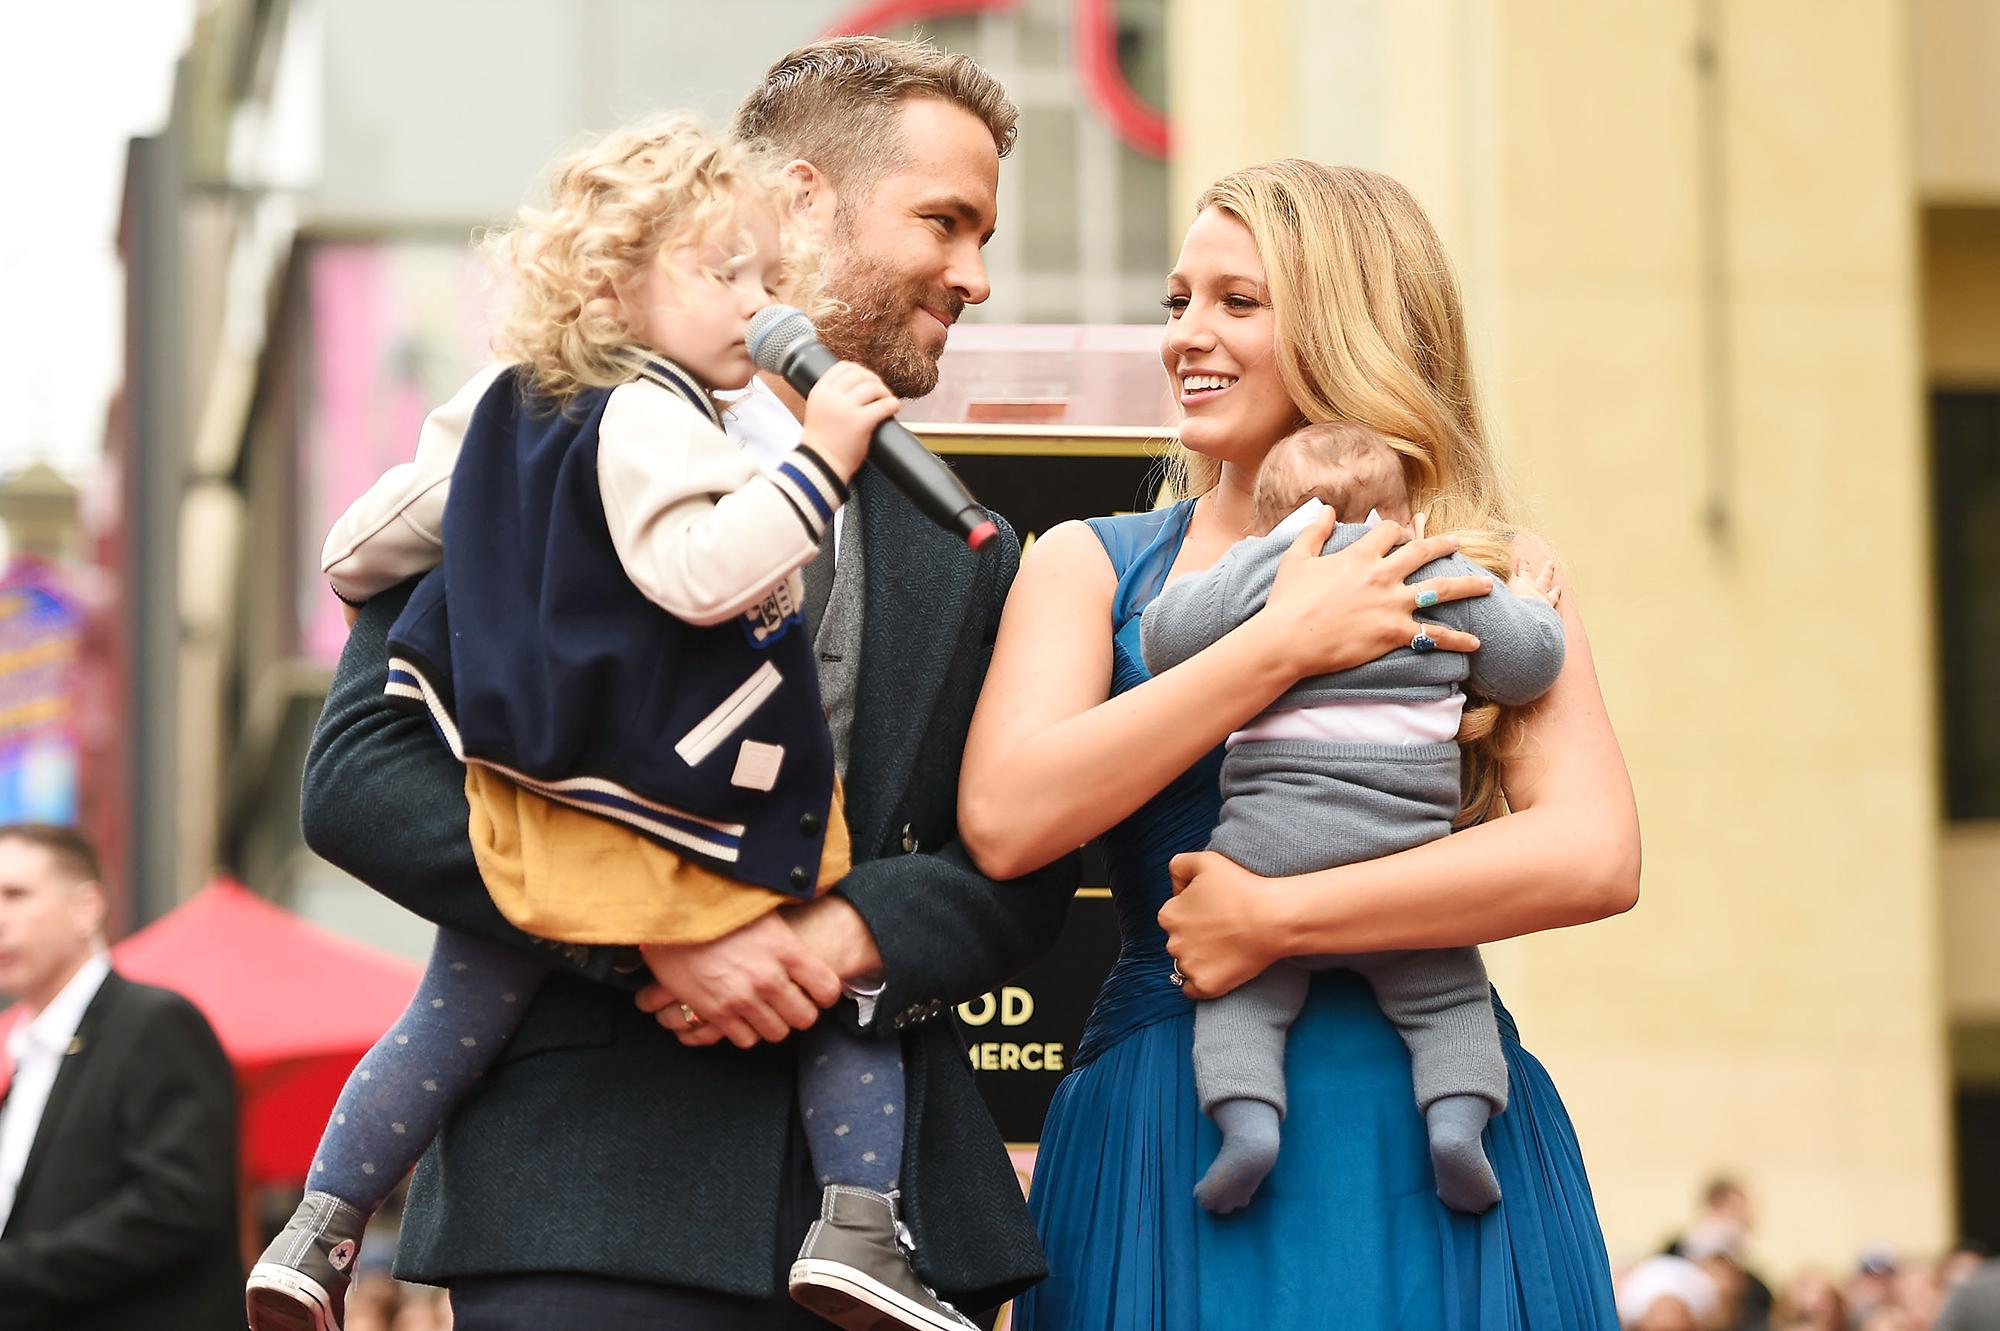 Ryan Reynolds Third Child Blake Lively